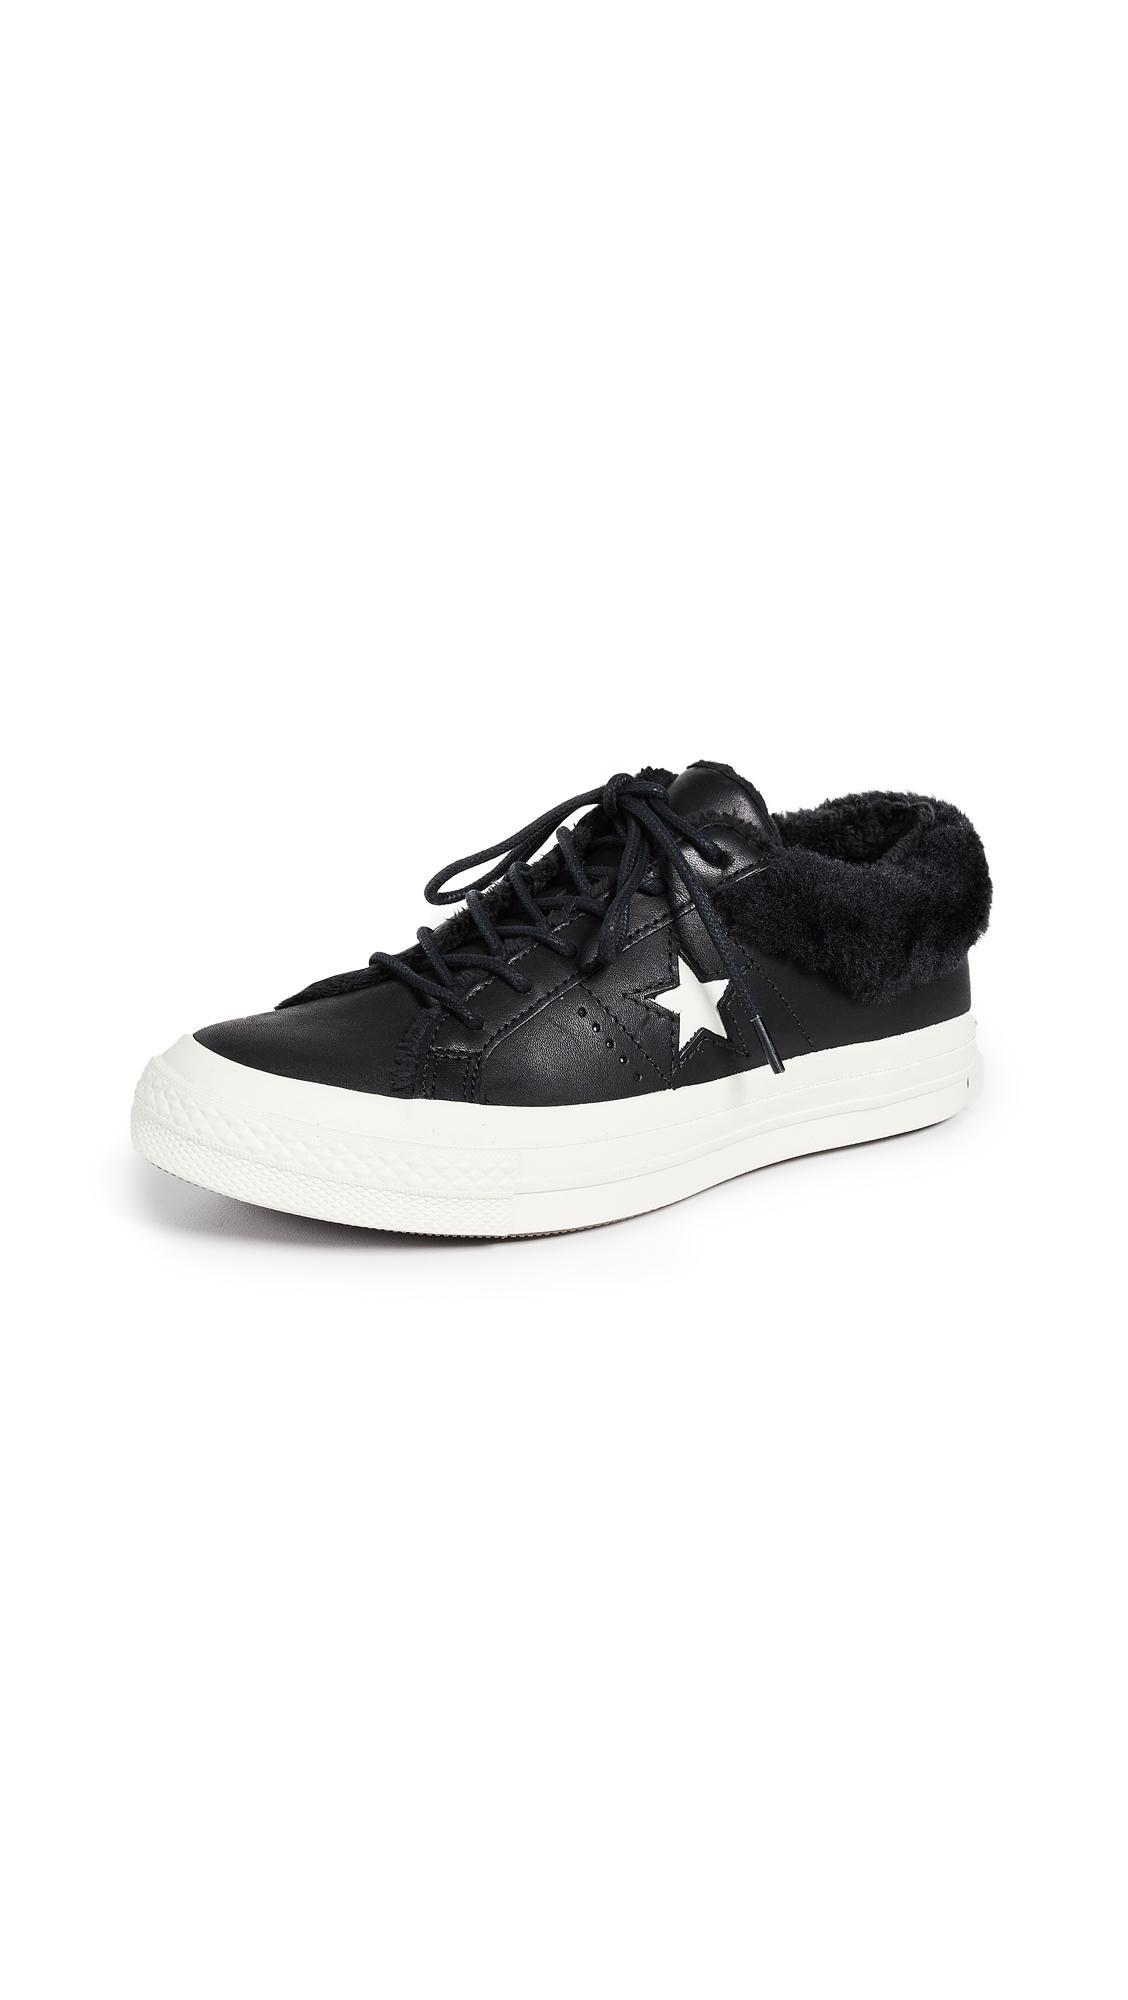 Converse One Star Street Warmer Faux Fur Lined Low Top Sneaker In Black e732c4589